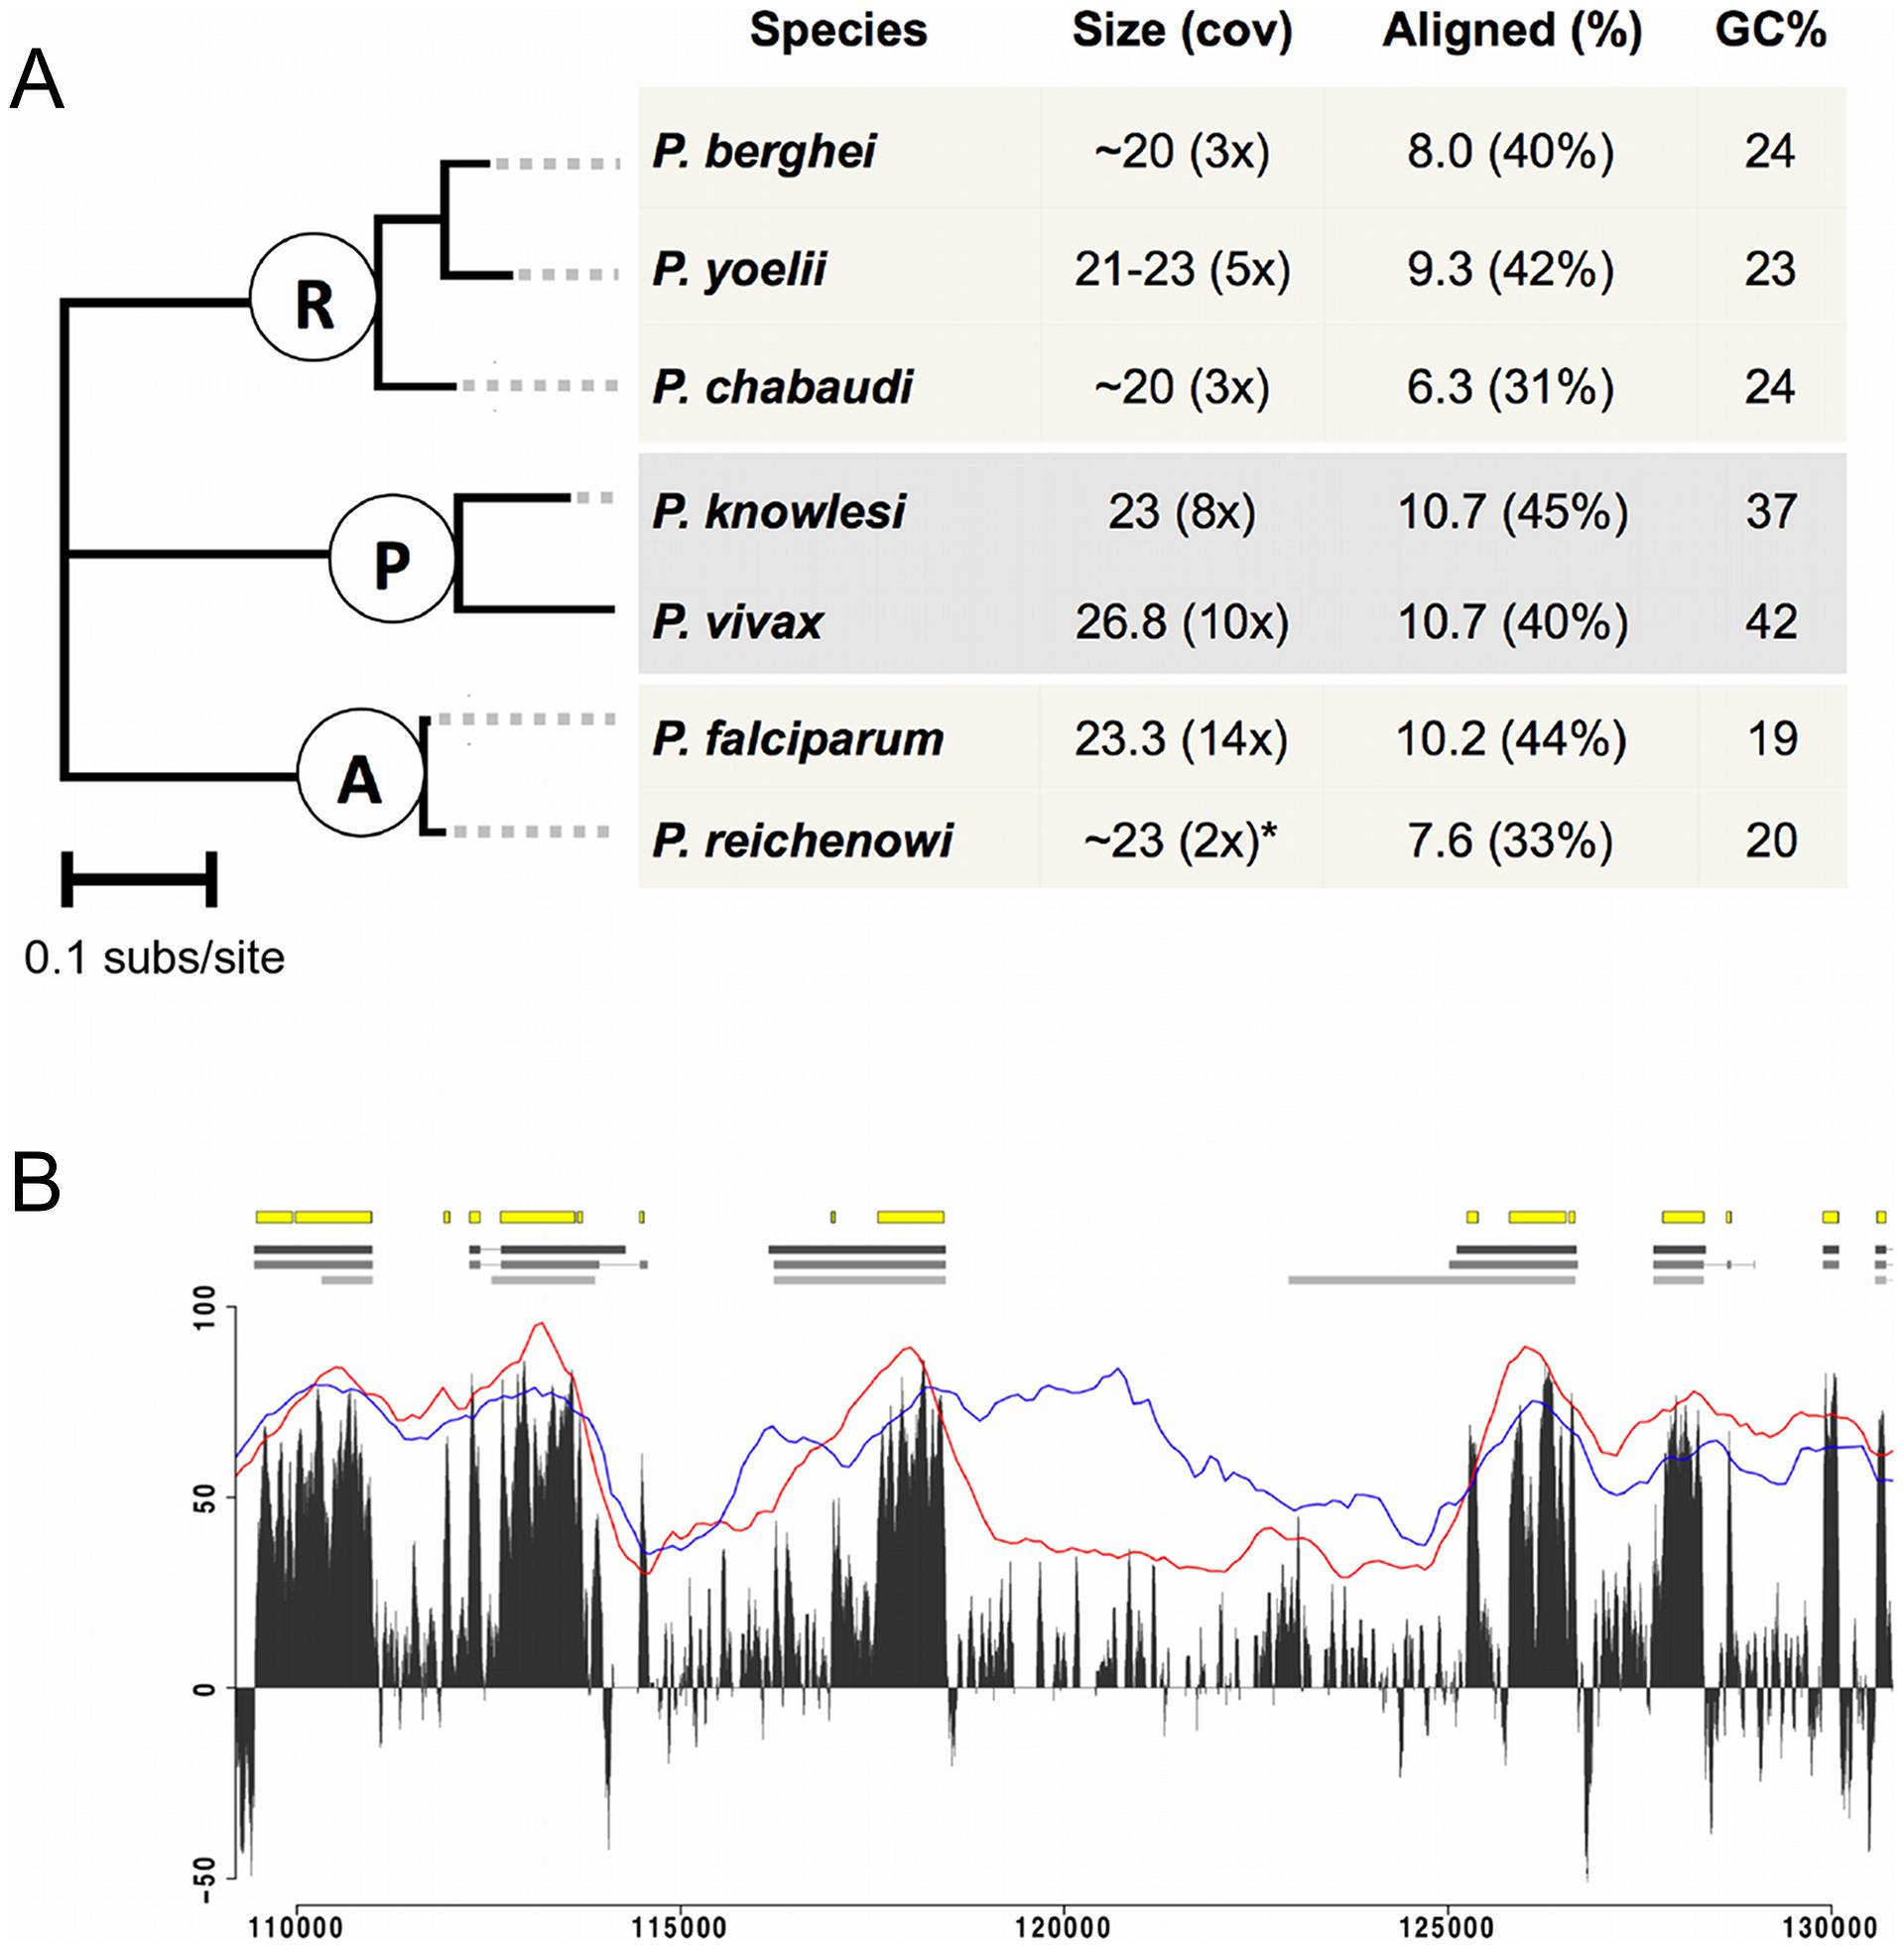 Genome-wide alignment of Plasmodium species.